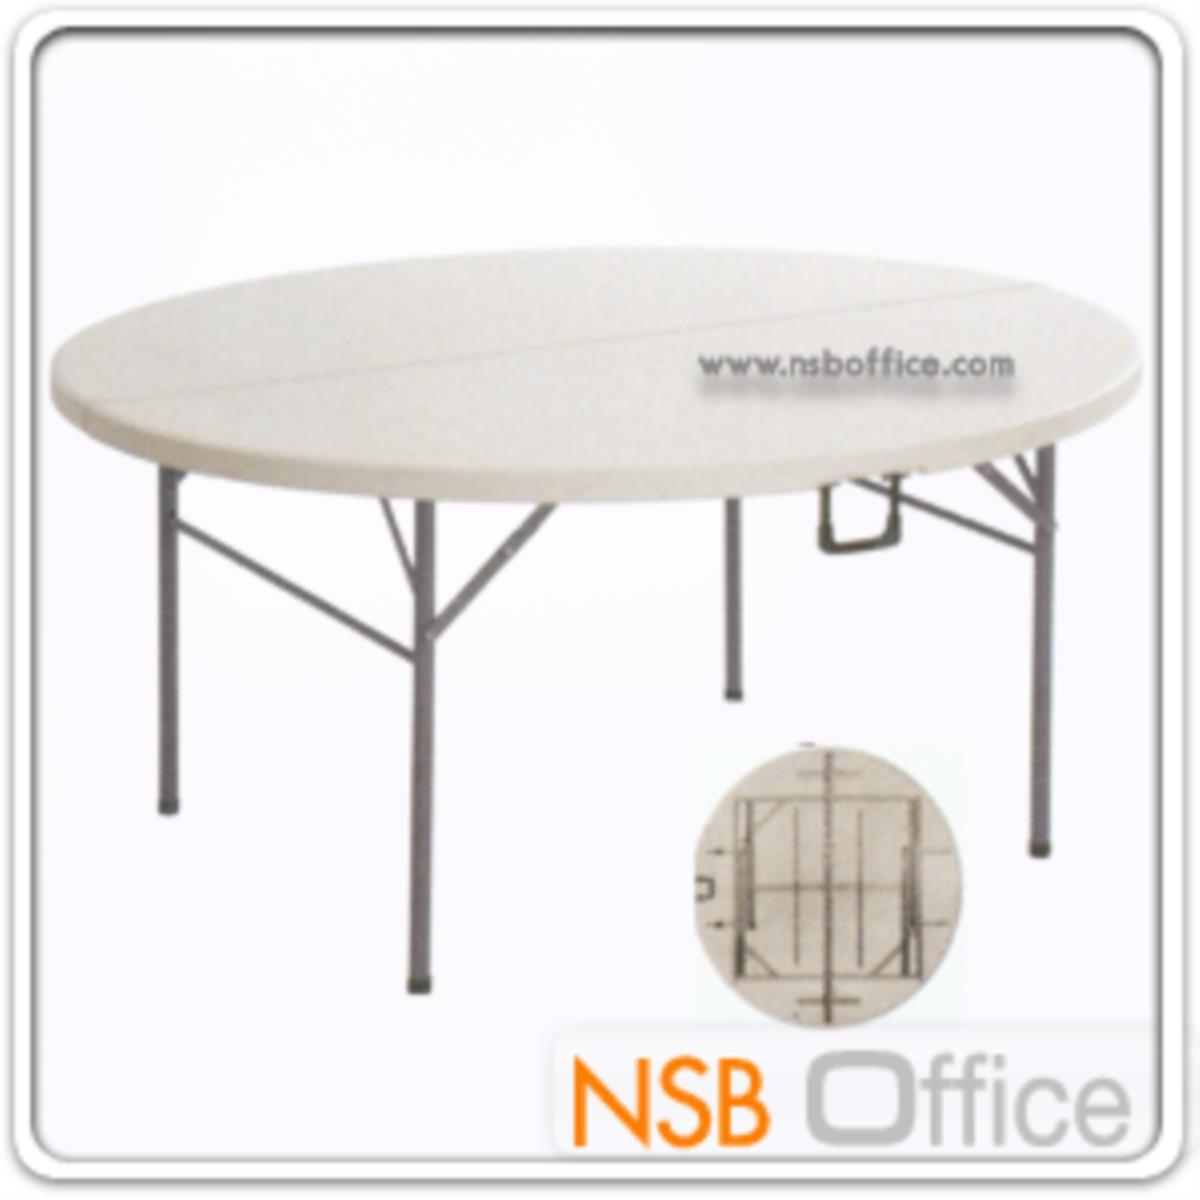 โต๊ะพับครึ่งหน้าพลาสติก รุ่น PL-OPF  ขนาด 154Di cm. ขาอีพ็อกซี่เกล็ดเงิน